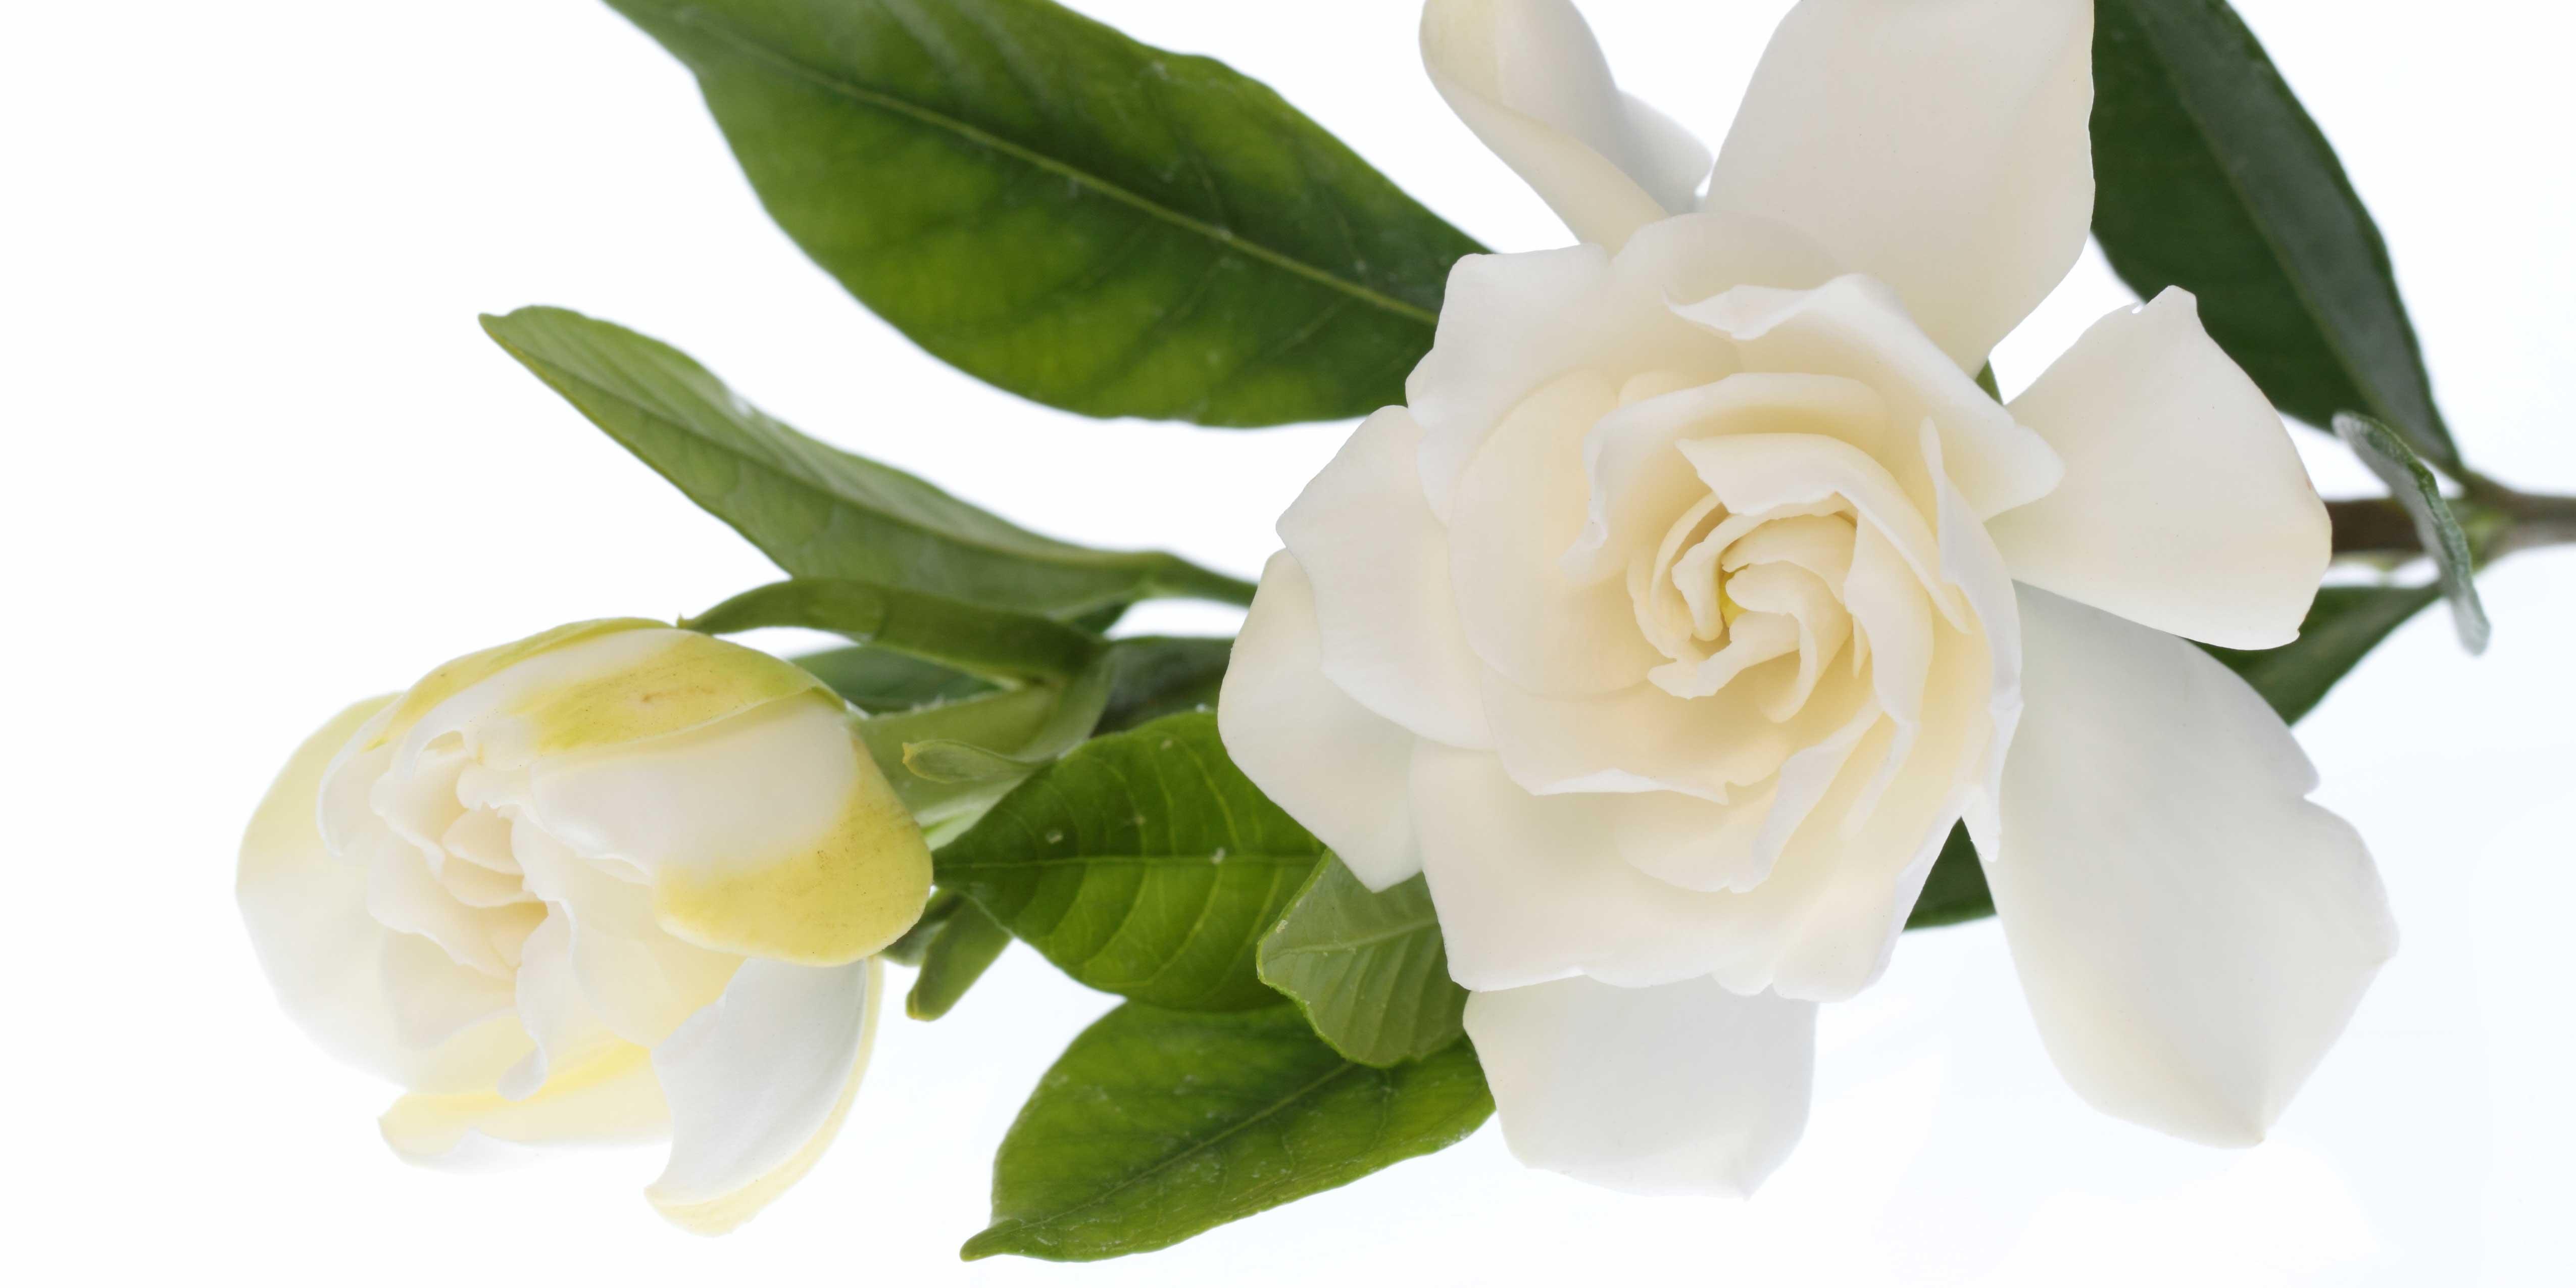 Rosa Secca Cosa Fare gardenia fiorita in vaso, le cure necessarie - cose di casa